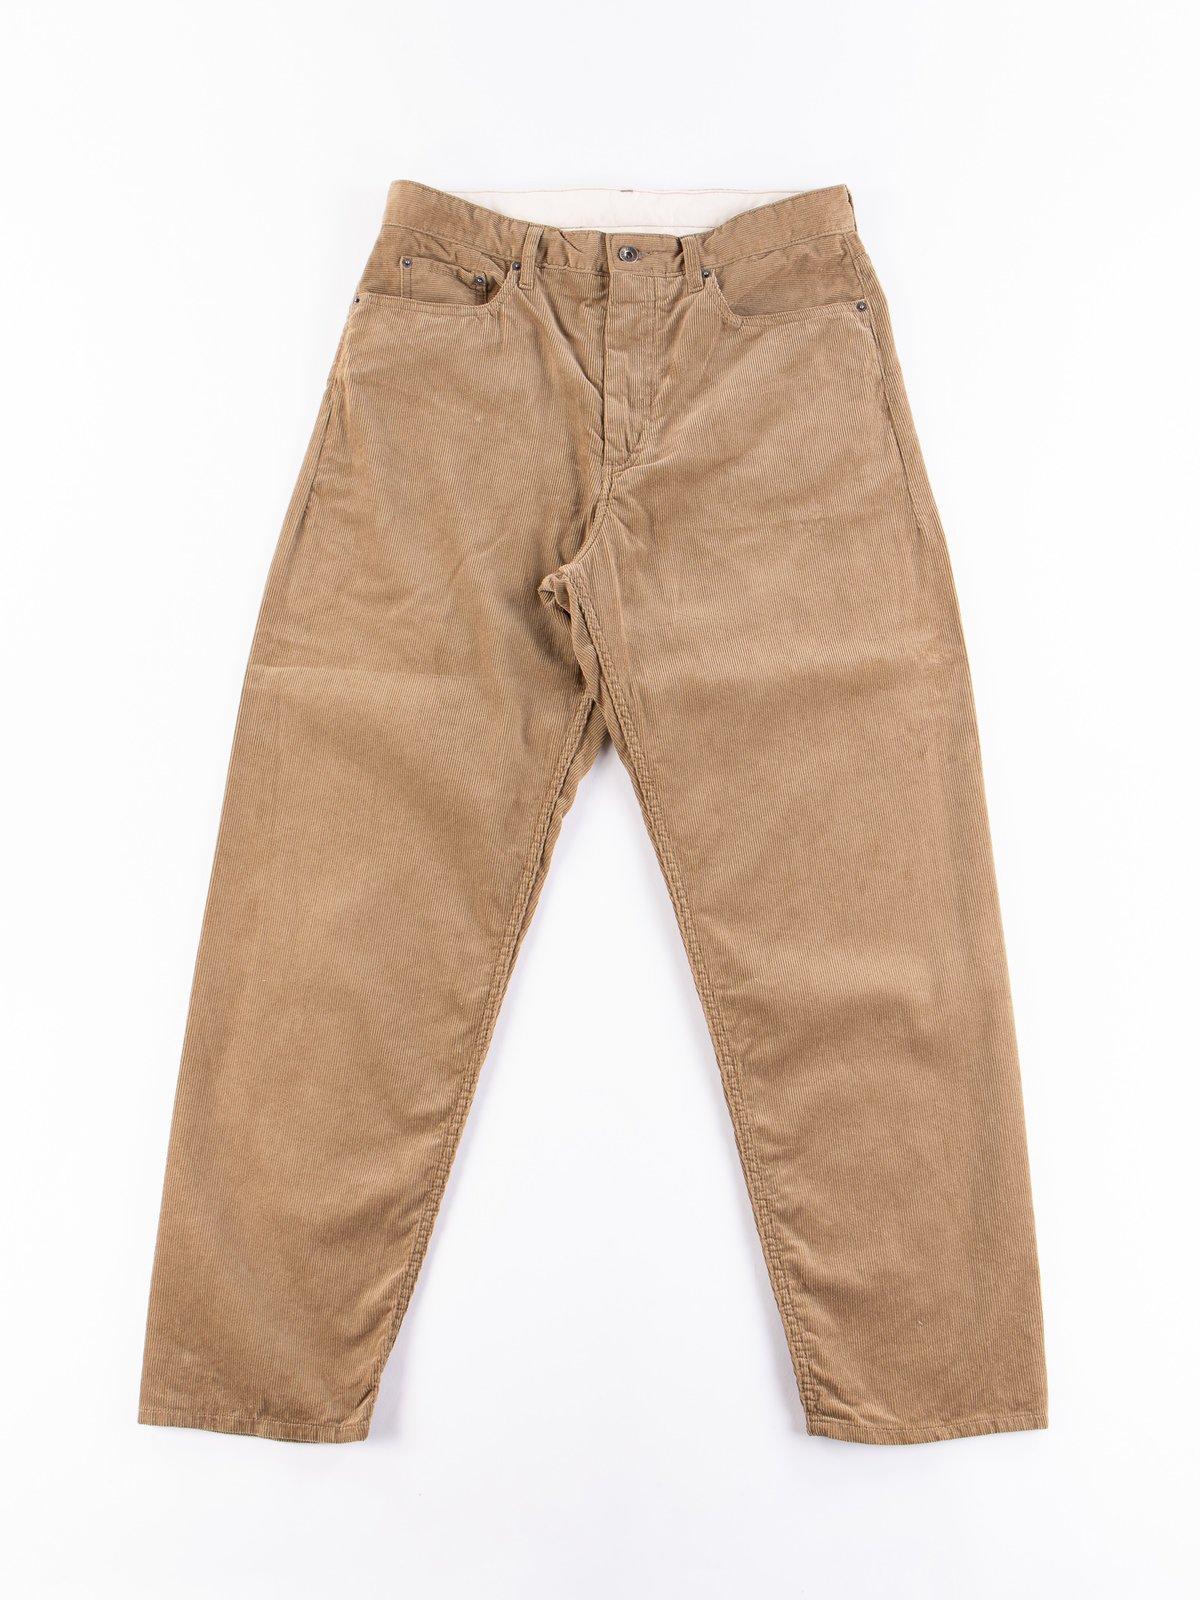 Khaki 14W Corduroy Wide Peg Jean - Image 1